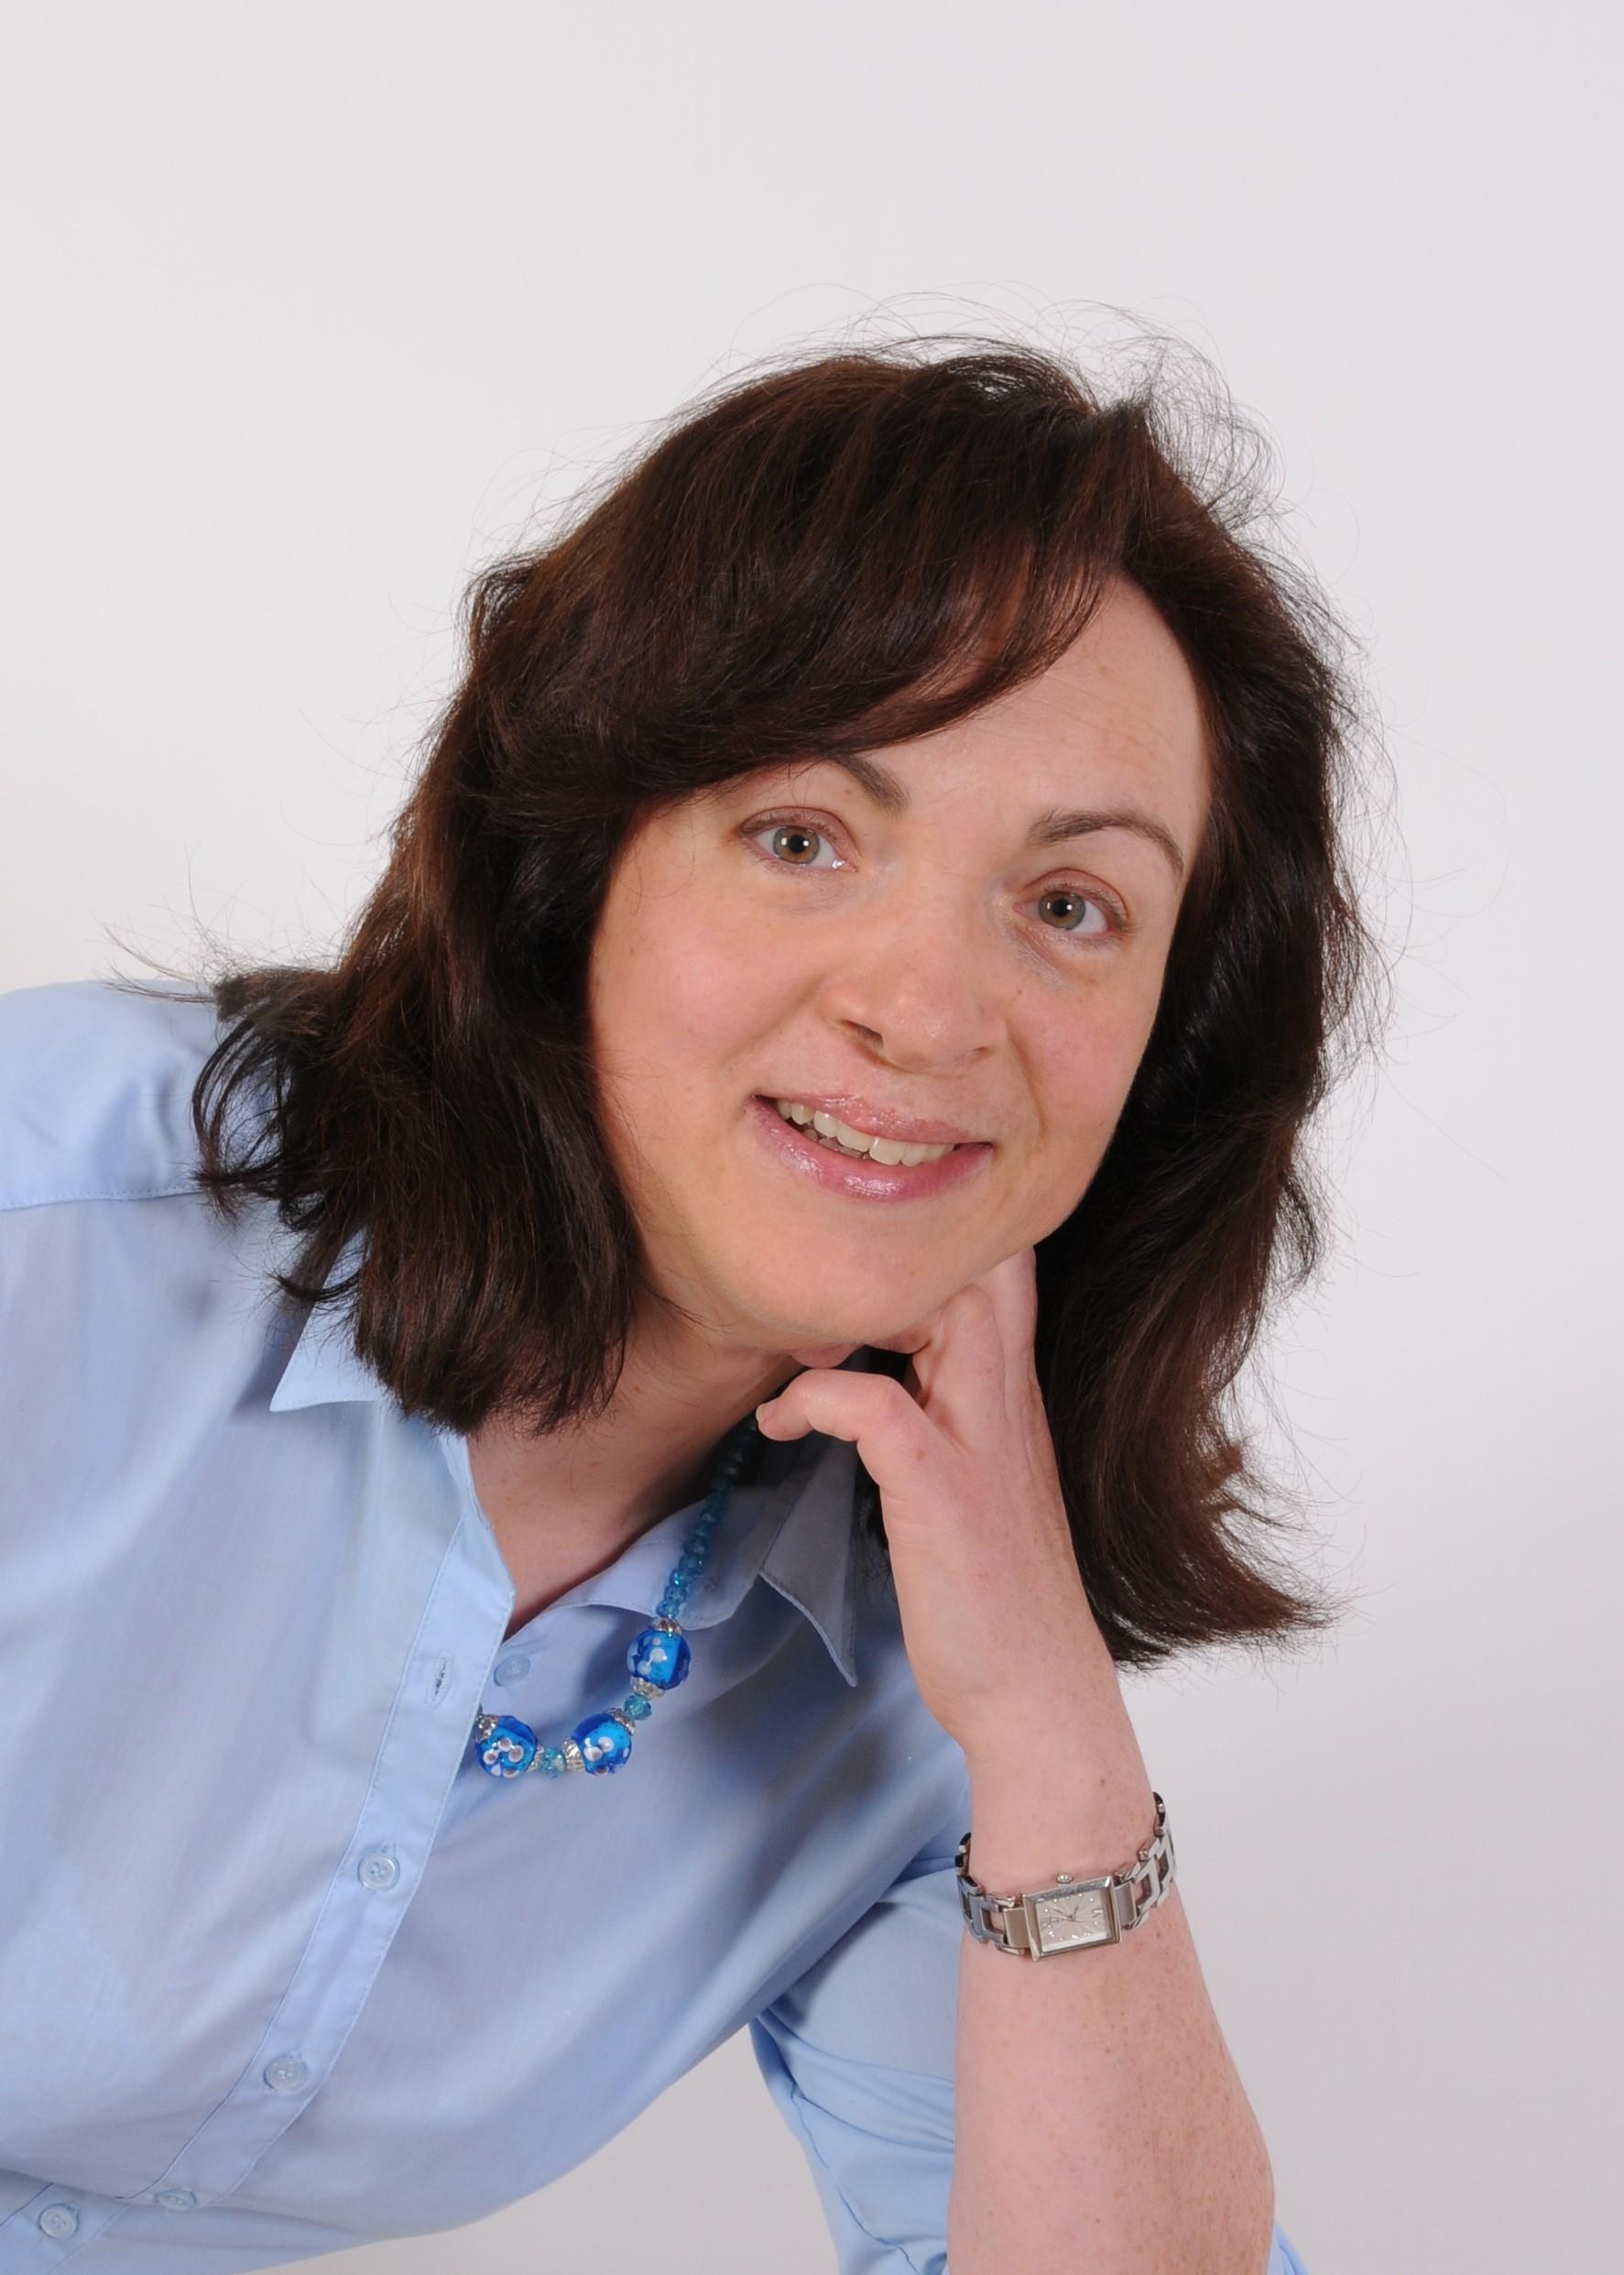 Geraldine McGovern